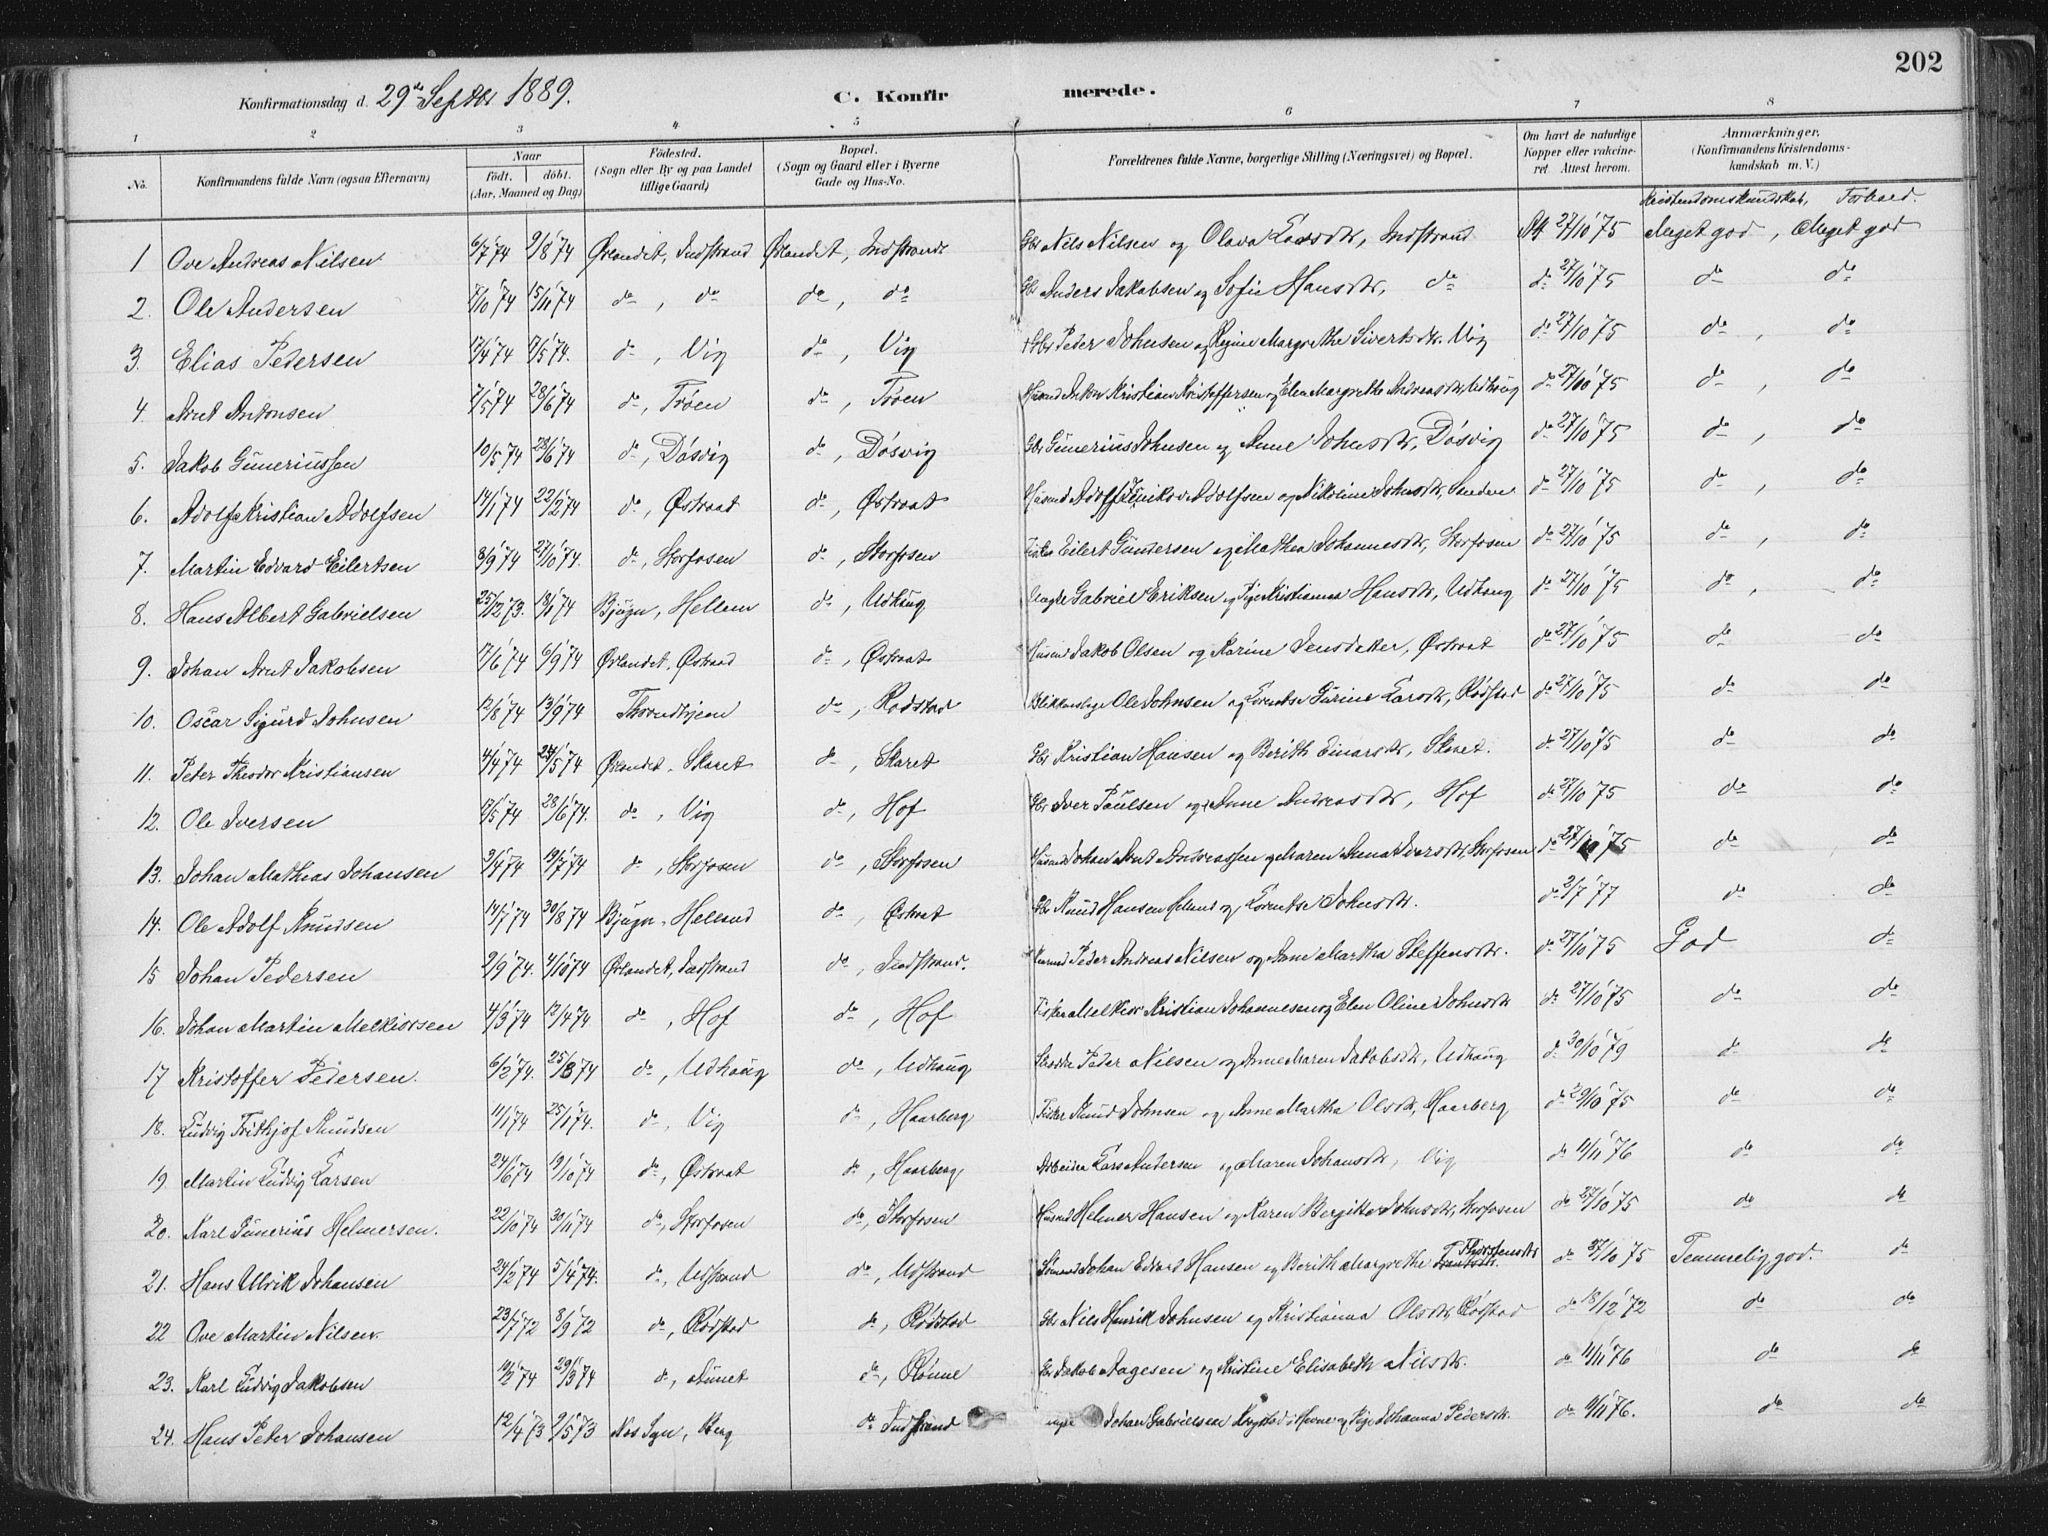 SAT, Ministerialprotokoller, klokkerbøker og fødselsregistre - Sør-Trøndelag, 659/L0739: Ministerialbok nr. 659A09, 1879-1893, s. 202